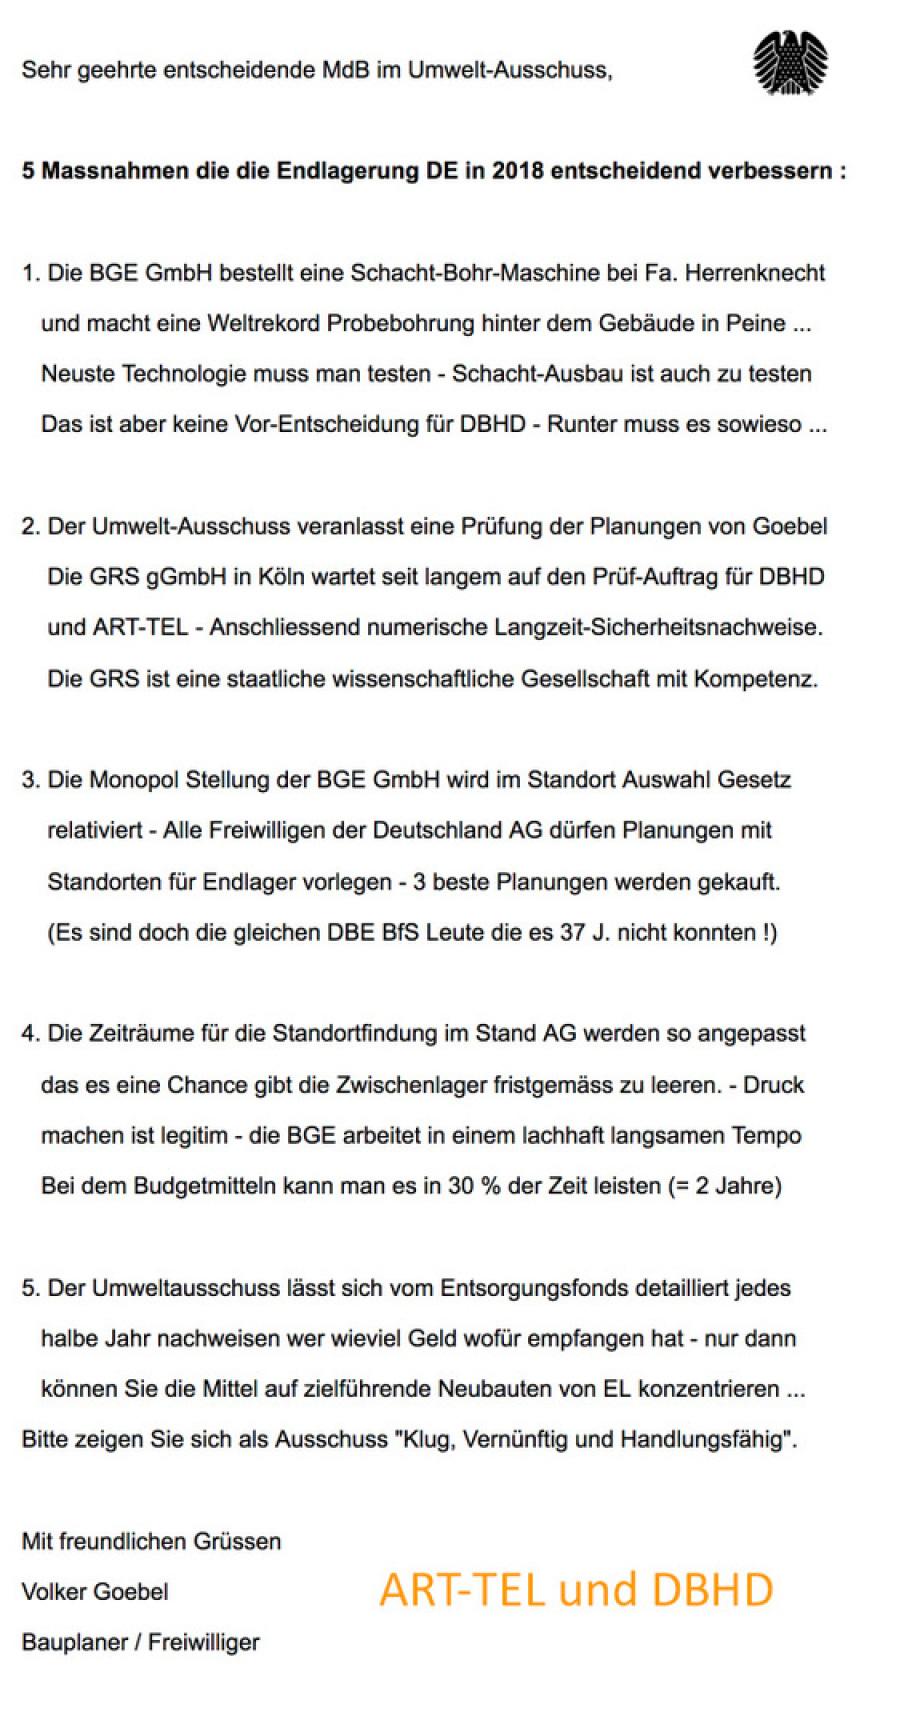 Anträge_Umwelt-Ausschuss_Ing_Goebel_Endlager-Fachplaner_ART-TEL_und_DBHD